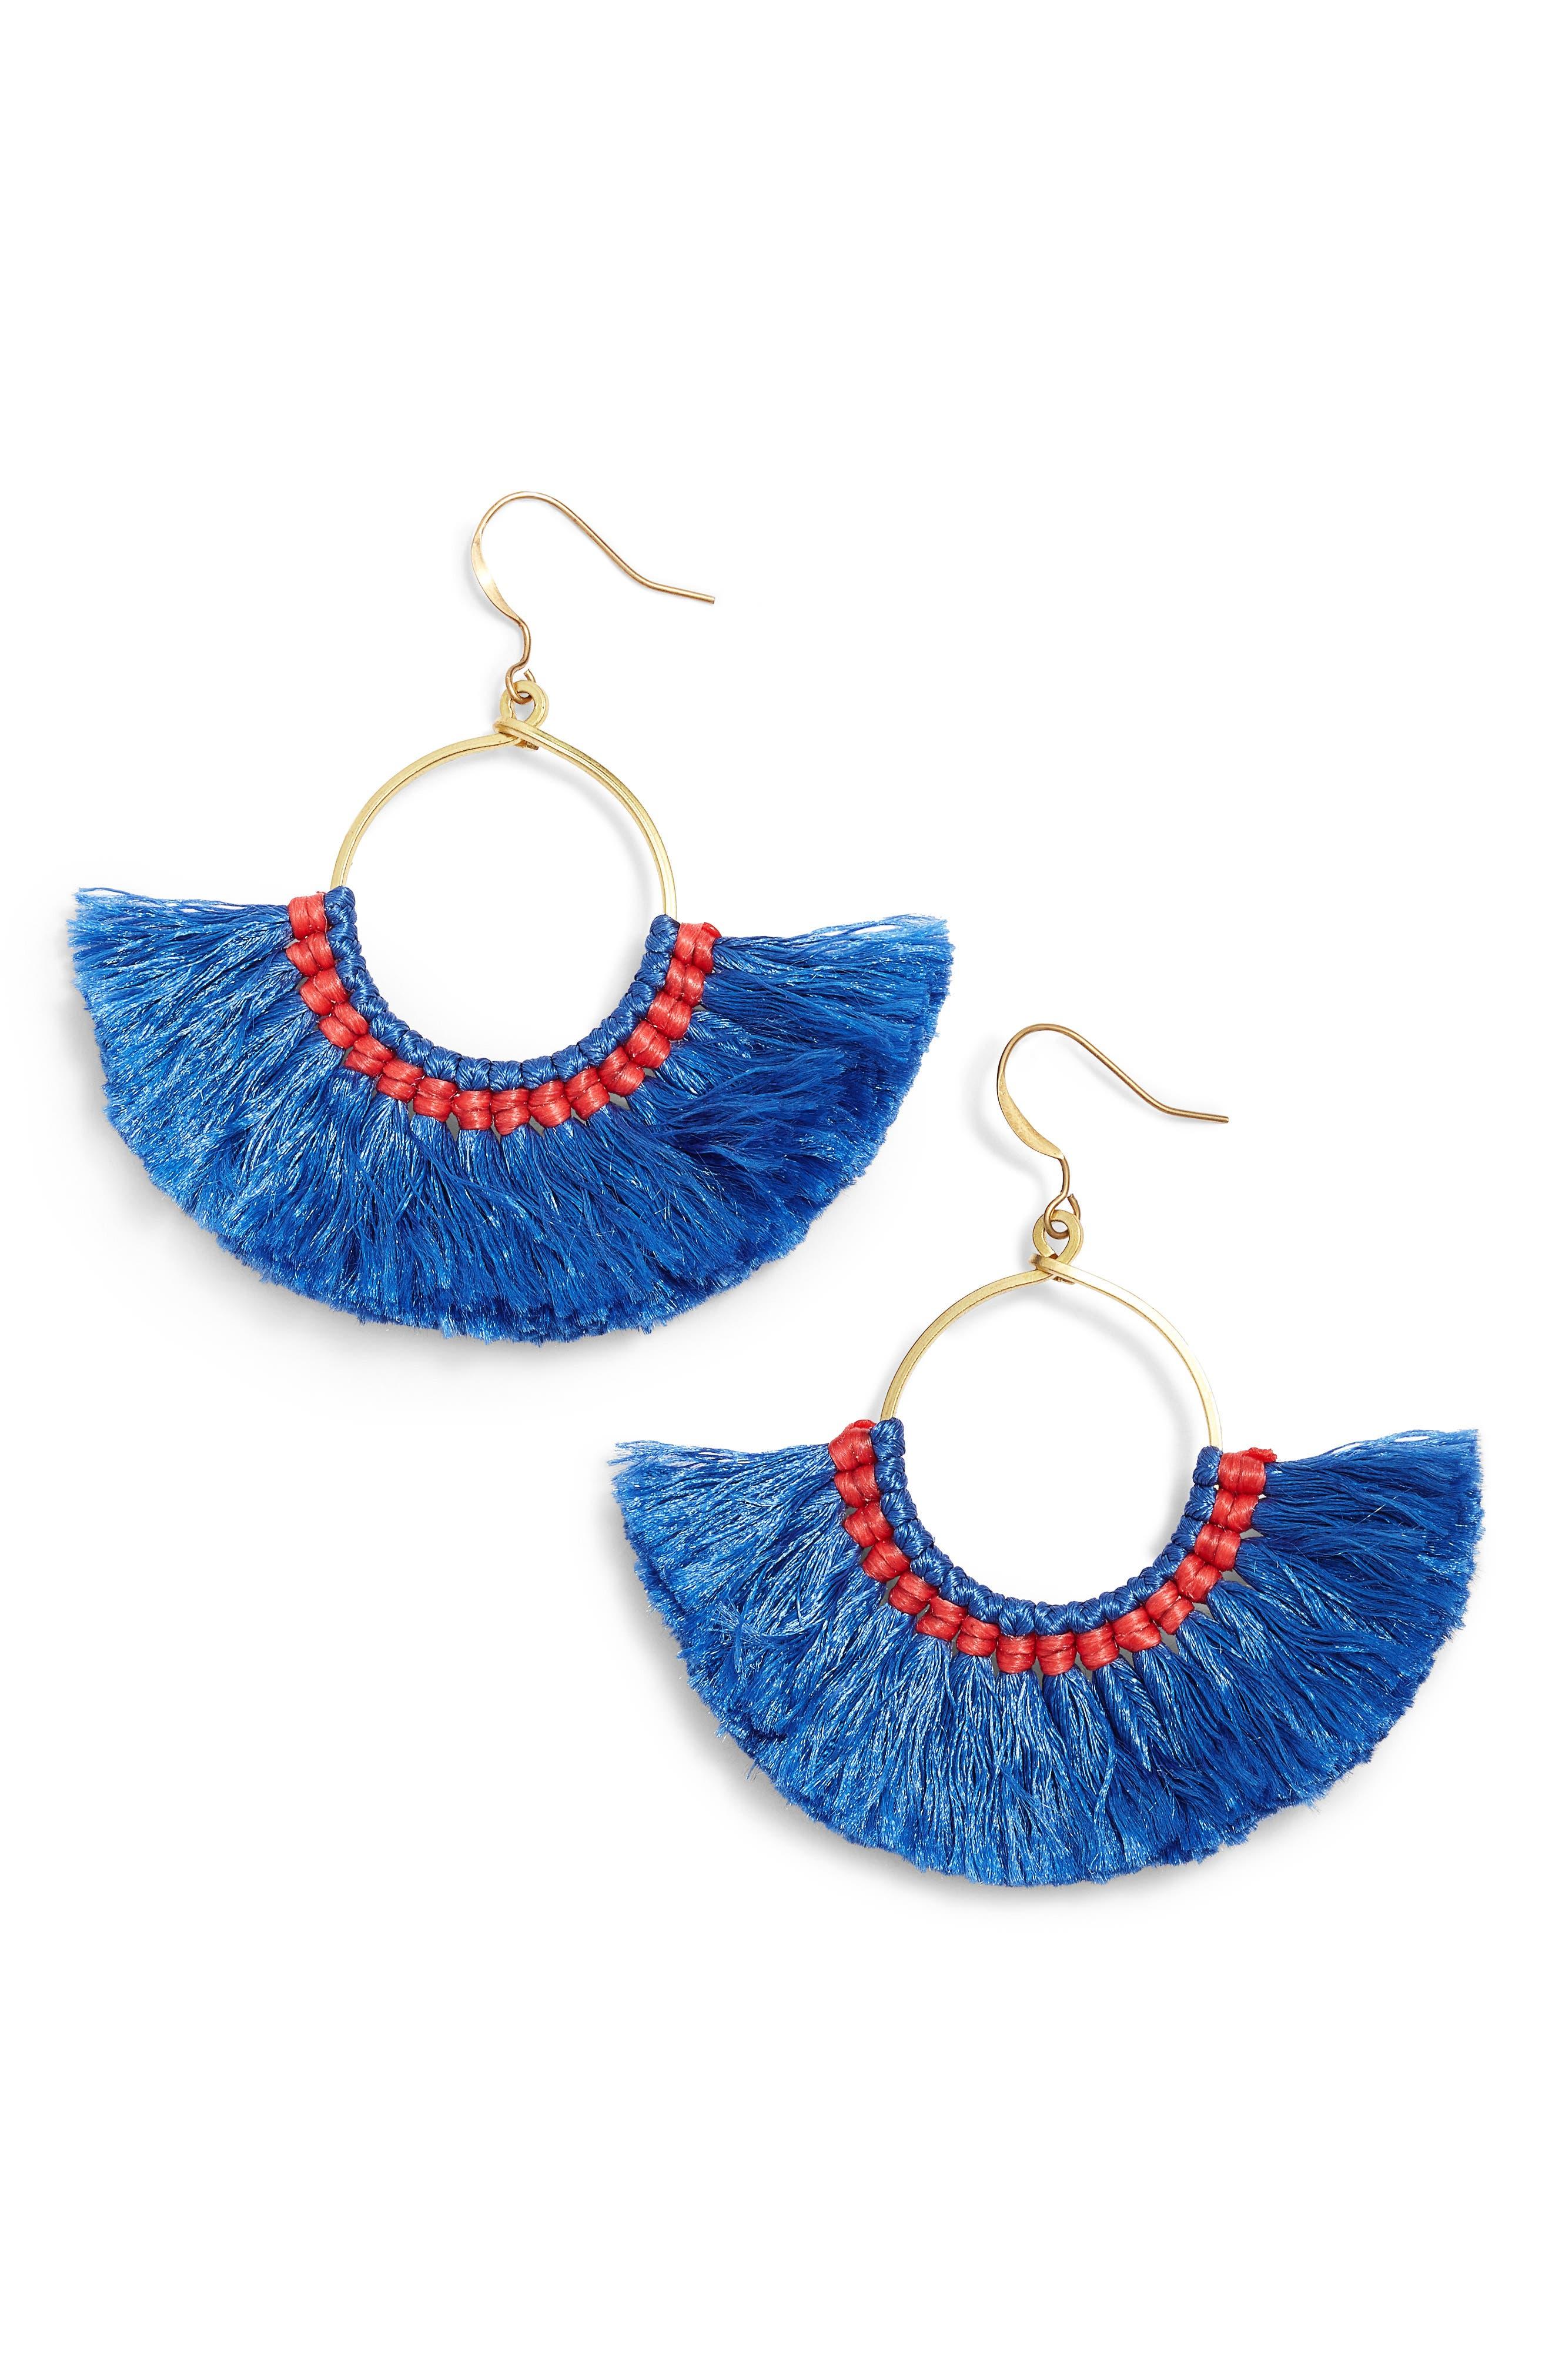 Cotton Fan Earrings,                         Main,                         color, Blue